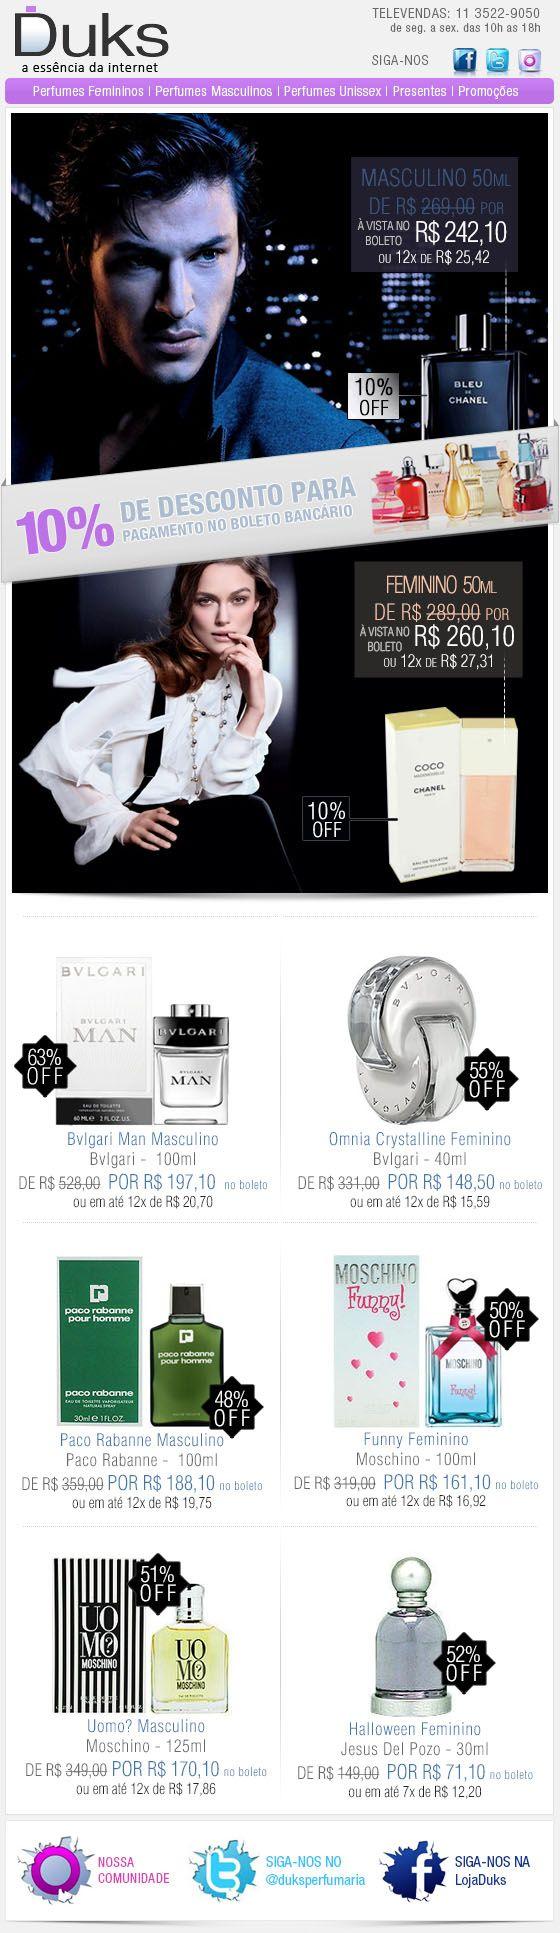 E-mail Marketing Duks Perfumes Promoção 17/12/2013 http://www.duks.com.br/sistema/custom.asp?IDLoja=11220&arq=emkt_12_17.htm&int=1&origem=emailmkt